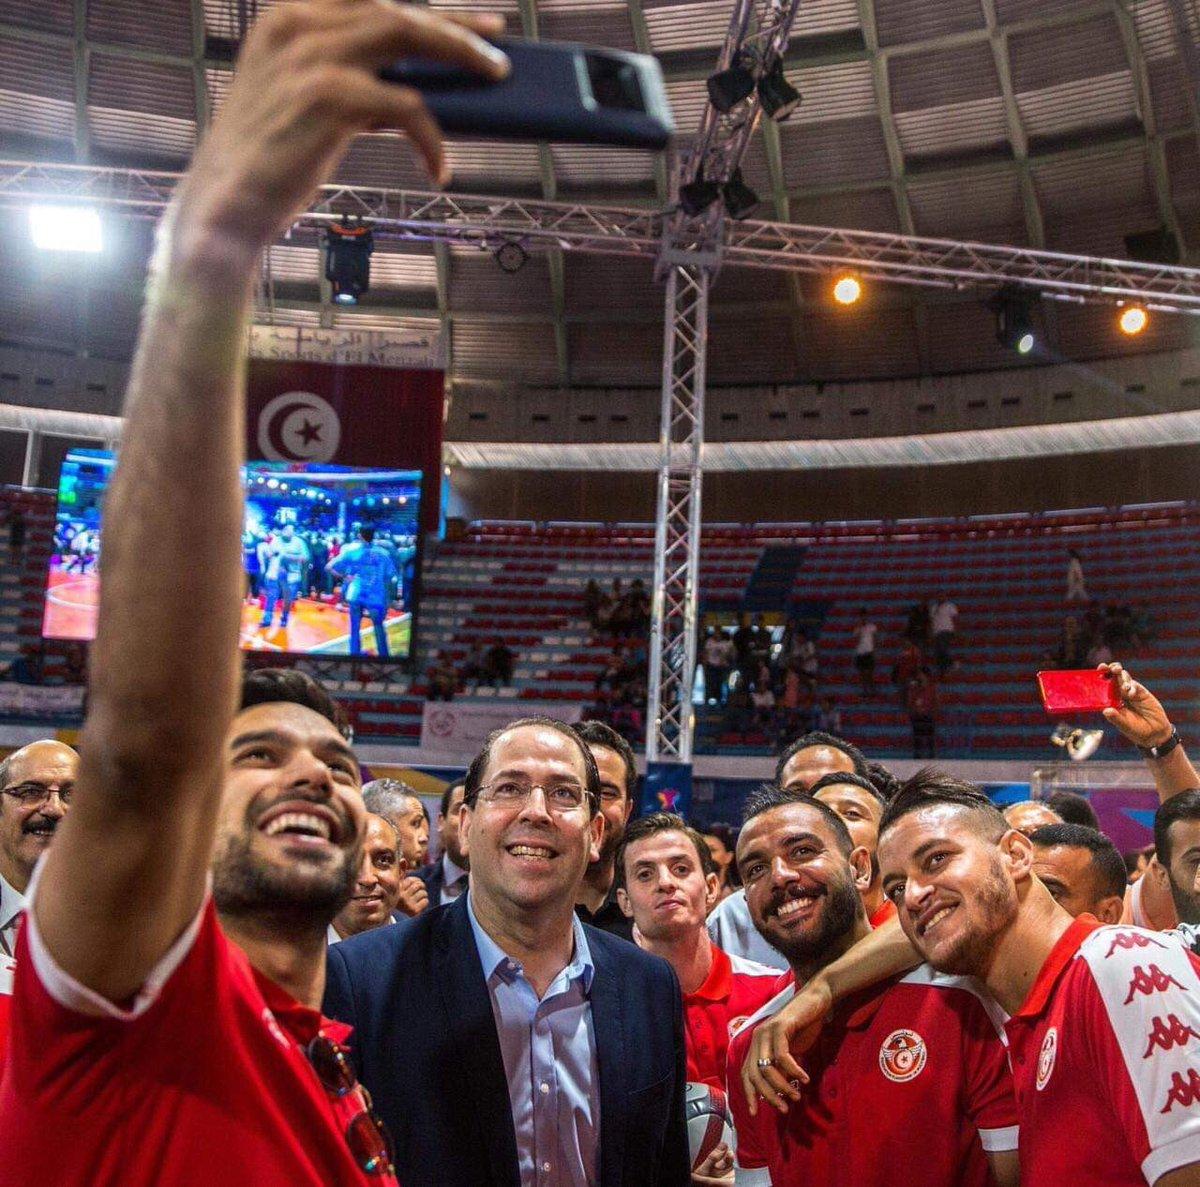 مبروك لتونس تاهل المنتخب  الوطني للدور ربع النهائي لكاس افريقيا للامم  لكرة القدم 🇹🇳🇹🇳🇹🇳 https://t.co/RXC5cVdDmU